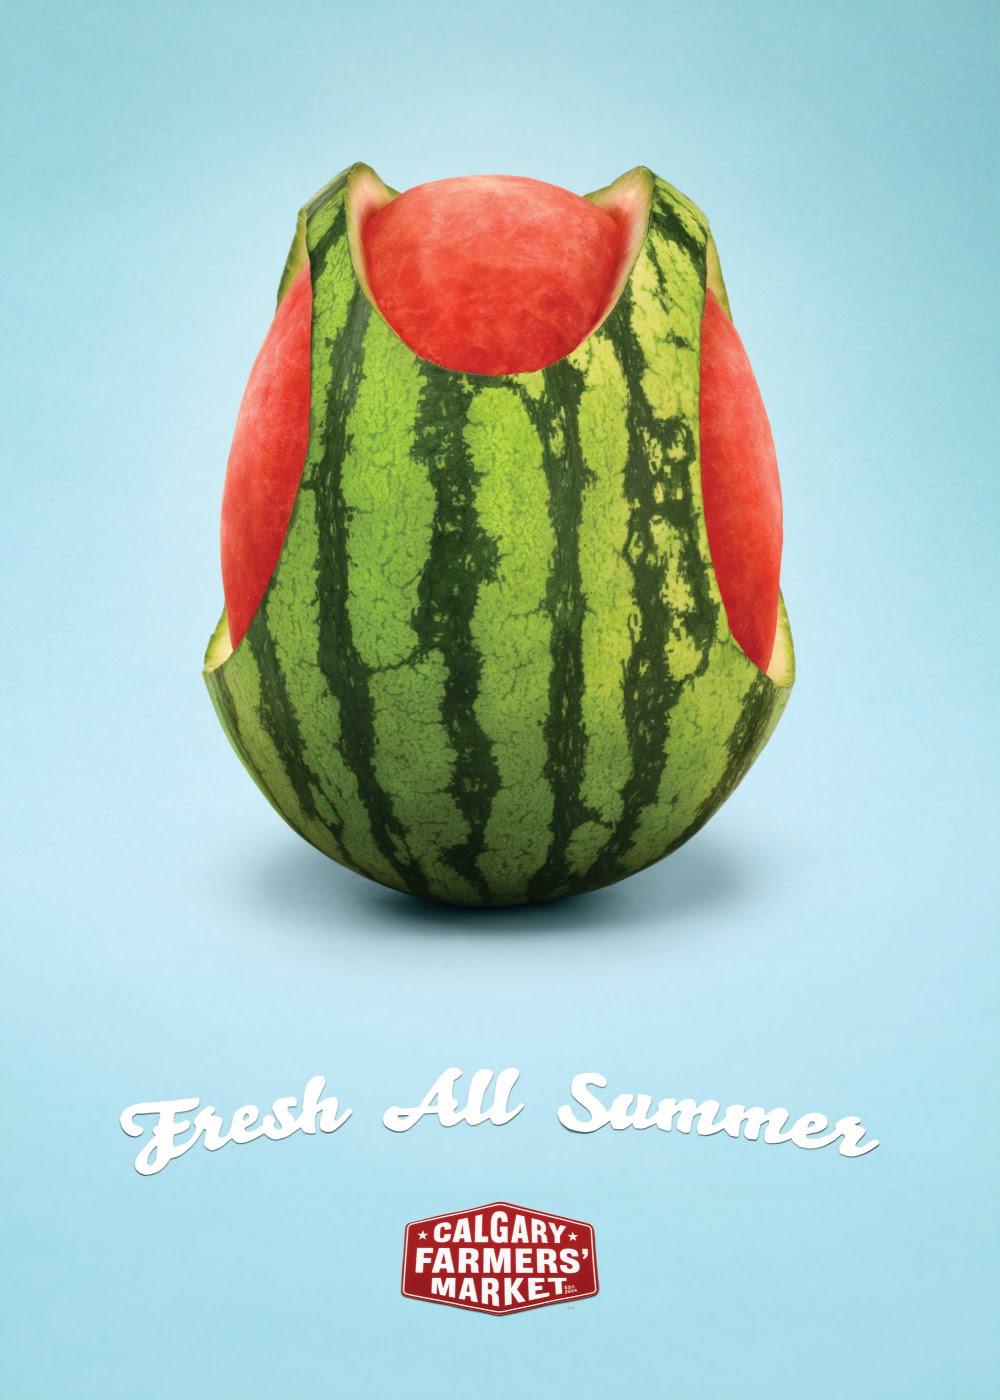 http://2.bp.blogspot.com/_42nL05s3A-8/TTS8hIp_DZI/AAAAAAAADeU/QEExeCvuHWw/s1600/Watermelon.jpg